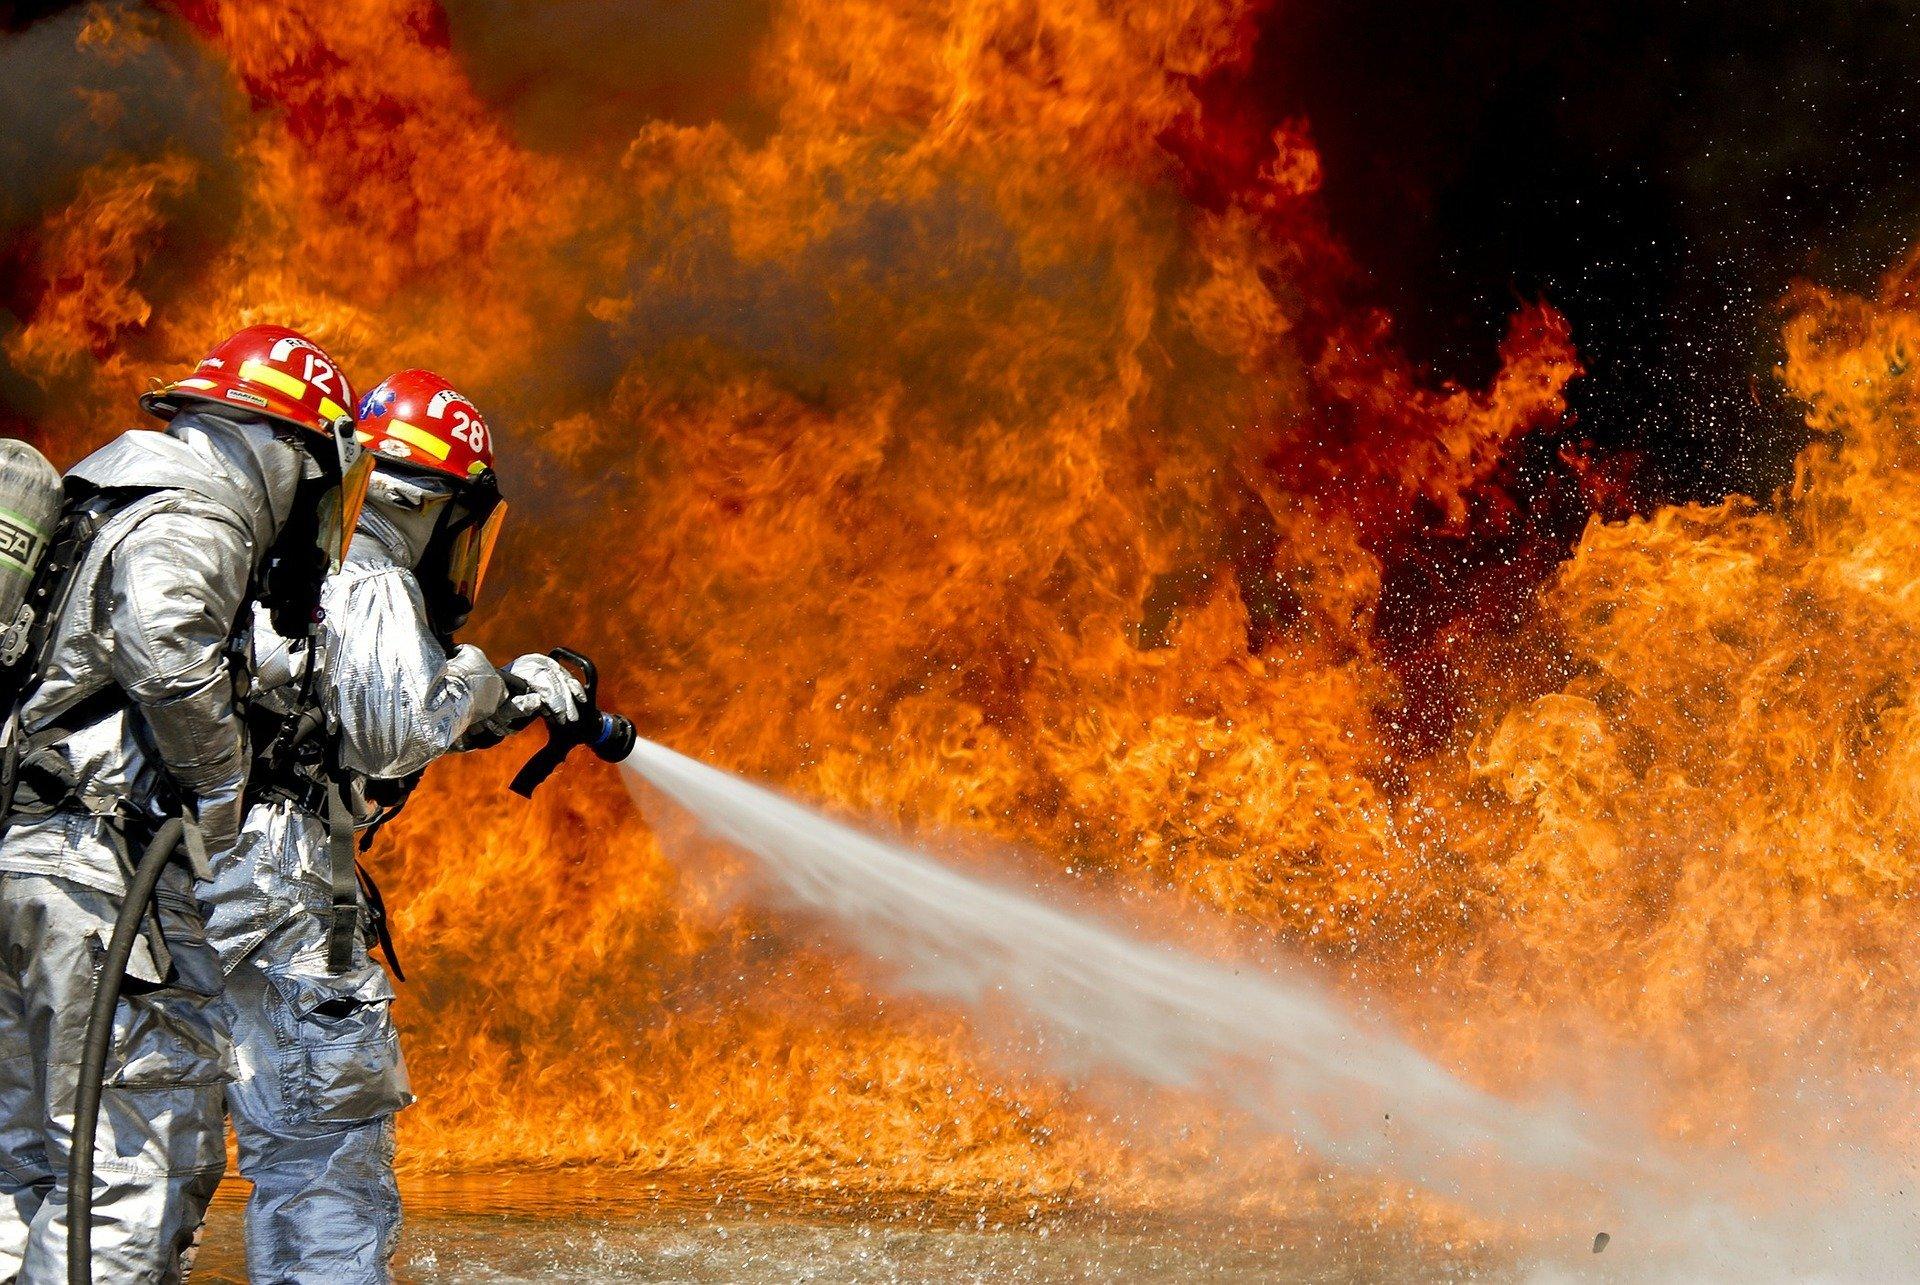 firefighters 115800 1920.jpg?resize=300,169 - Australie : Les photos montrant l'étendue des incendies diffusées dans les médias ne sont pas ce que l'on croit